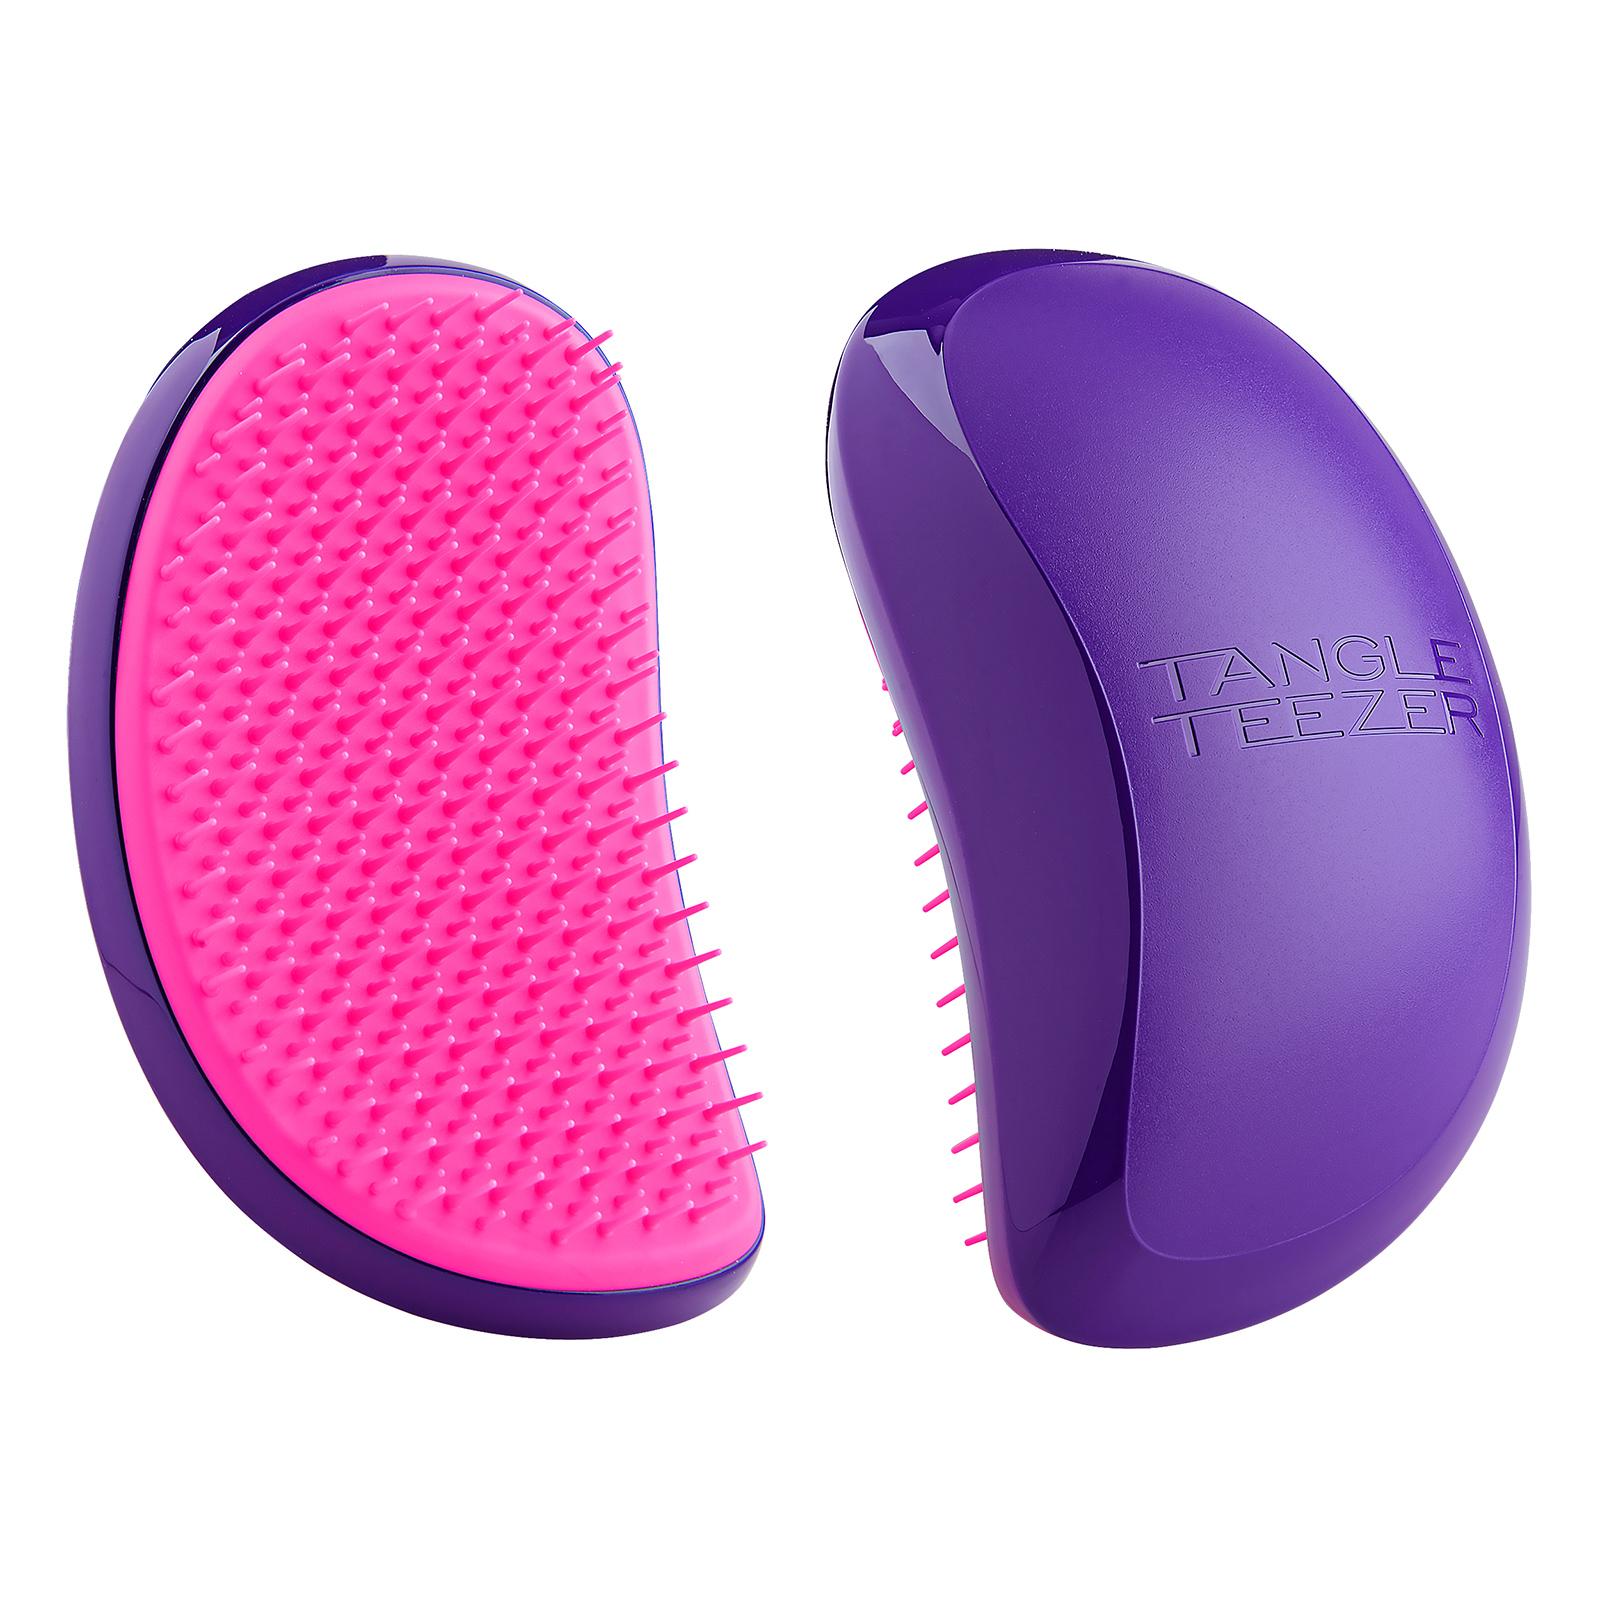 Tangle Teezer Salon Elite  The Professional Detangling Hairbrush Purple Crush, 1pc,